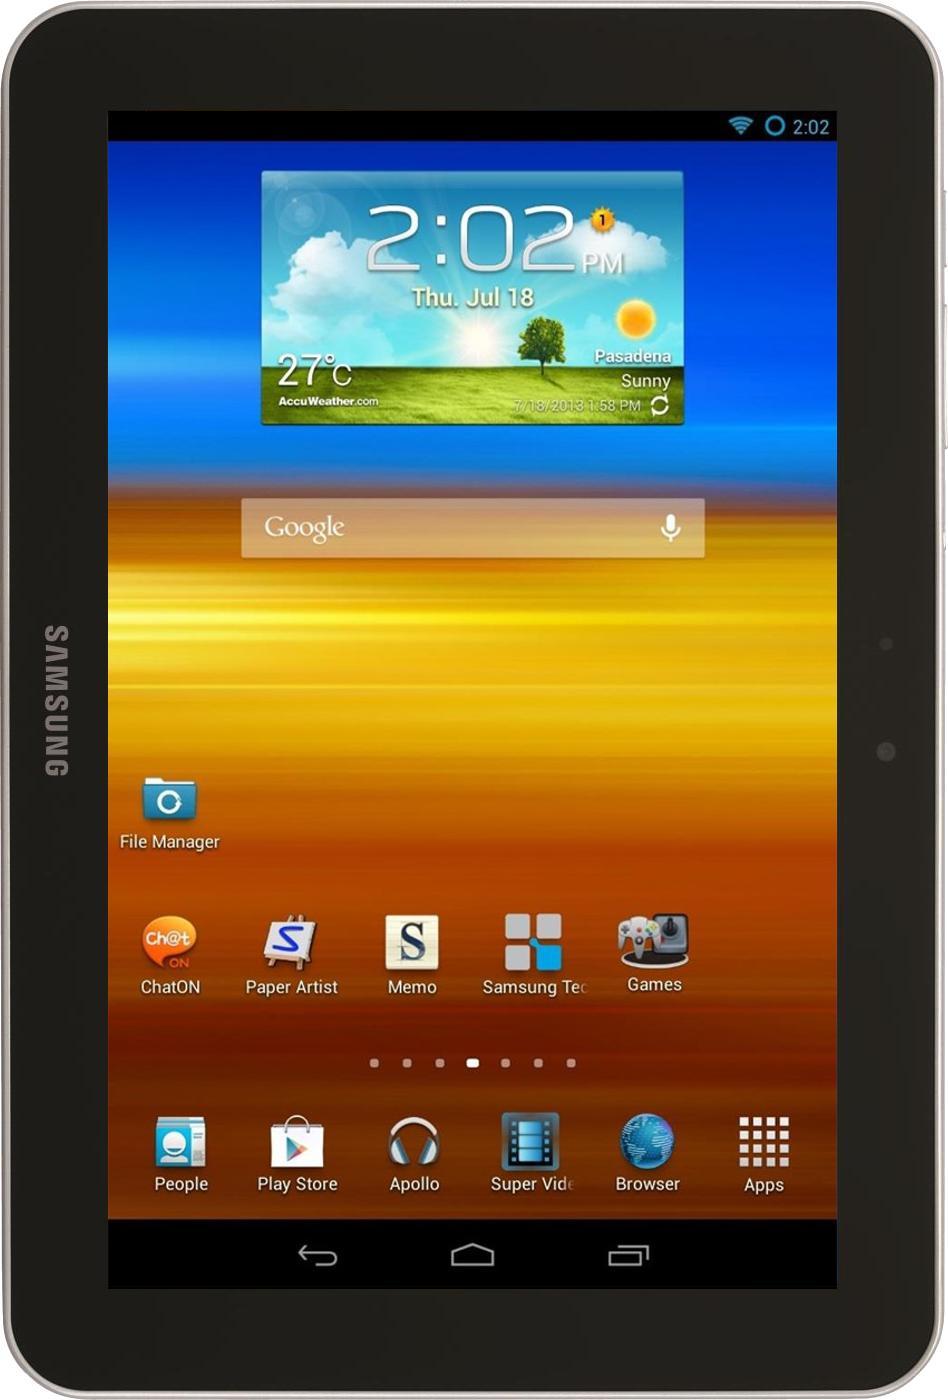 Samsung Galaxy Tab 8.9 LTE I957 32GB